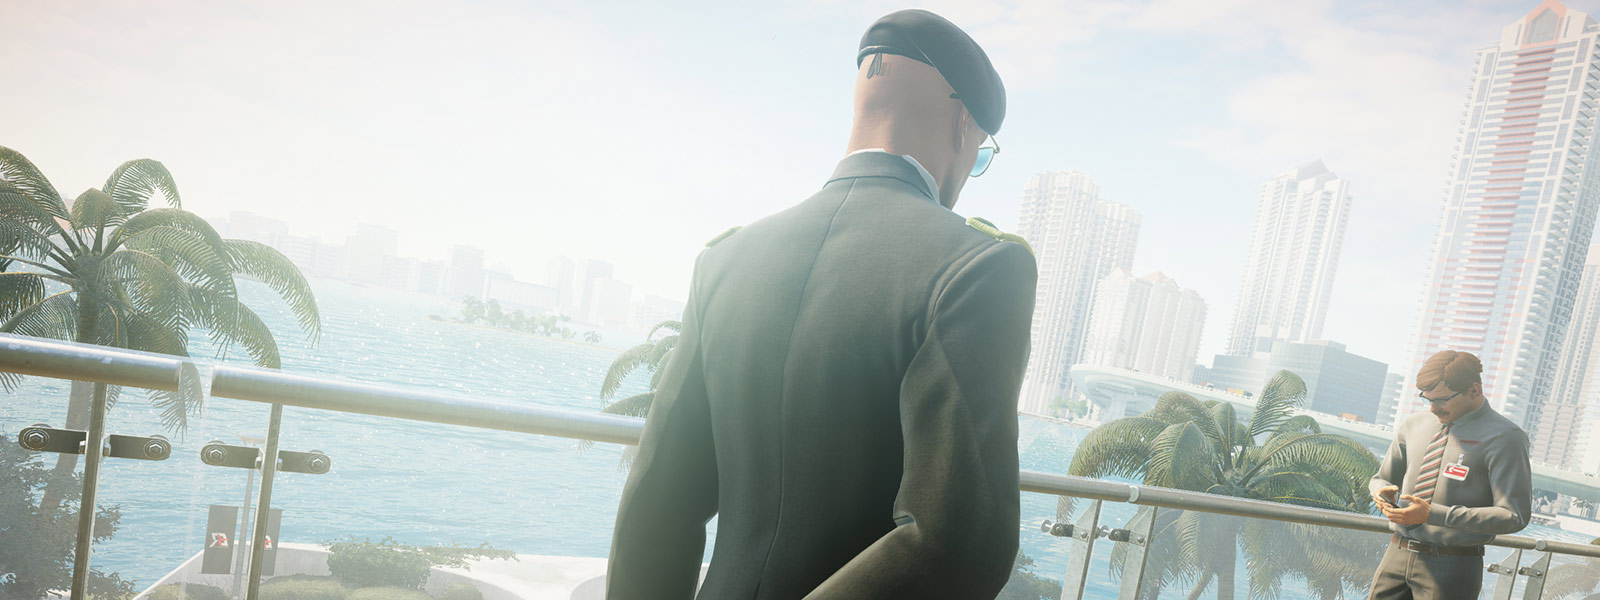 Vue arrière de l'agent47 se tenant près d'un travailleur de la piste de course dans un complet avec cravate